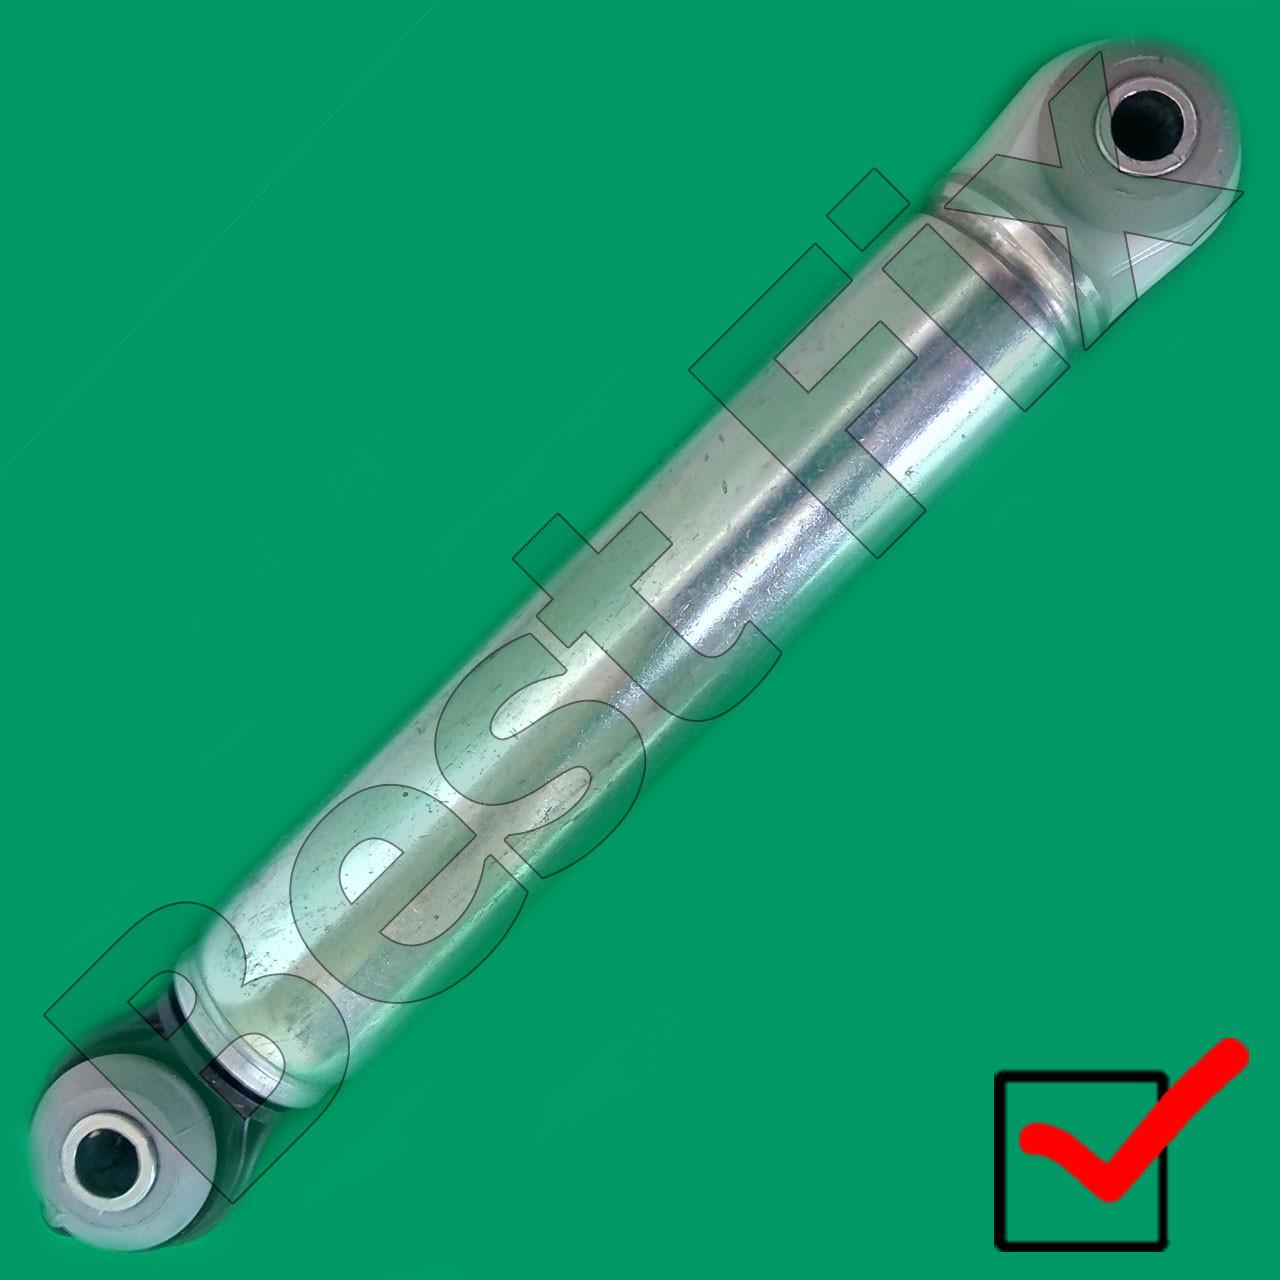 Амортизатор 120 N 175-250 mm втулка d 8 mm универсальный металлический